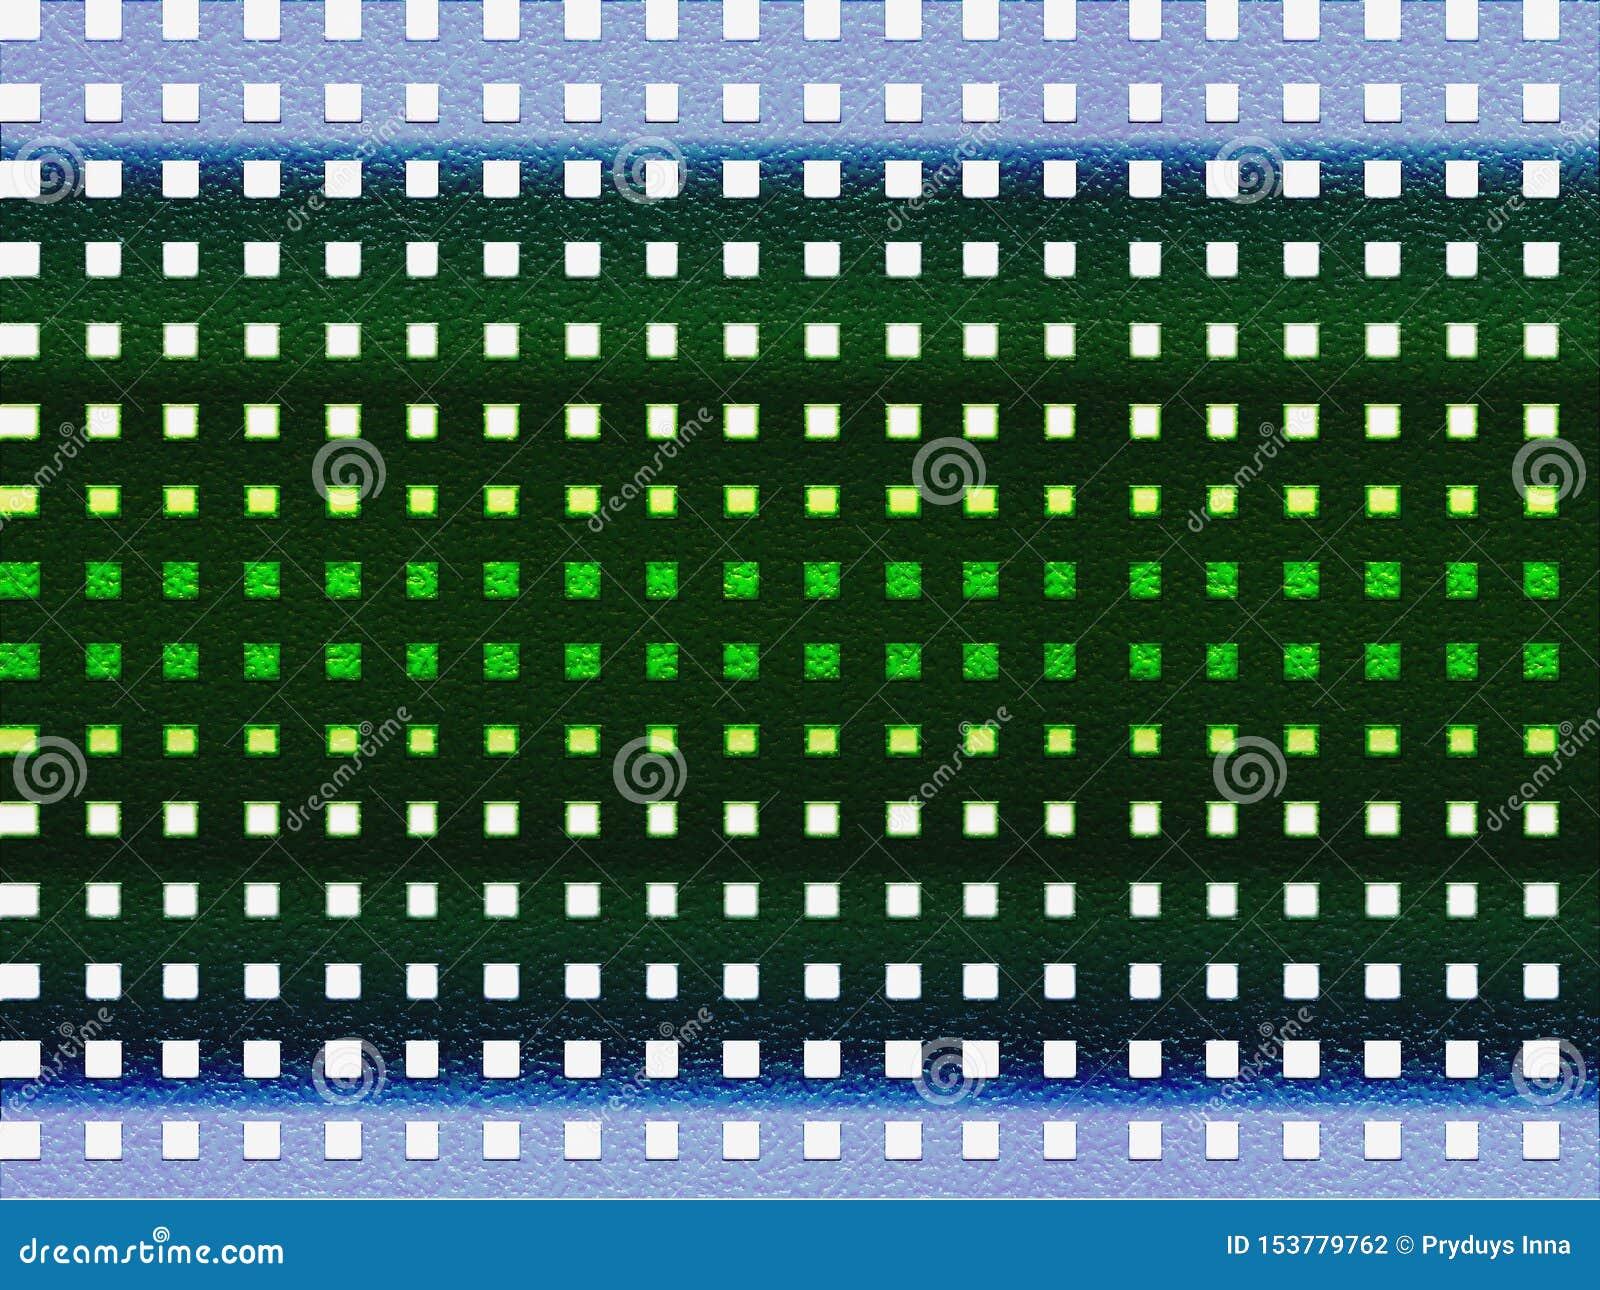 A Imagem-abstração-textura é original incomum do efeito, simples, faculdade criadora